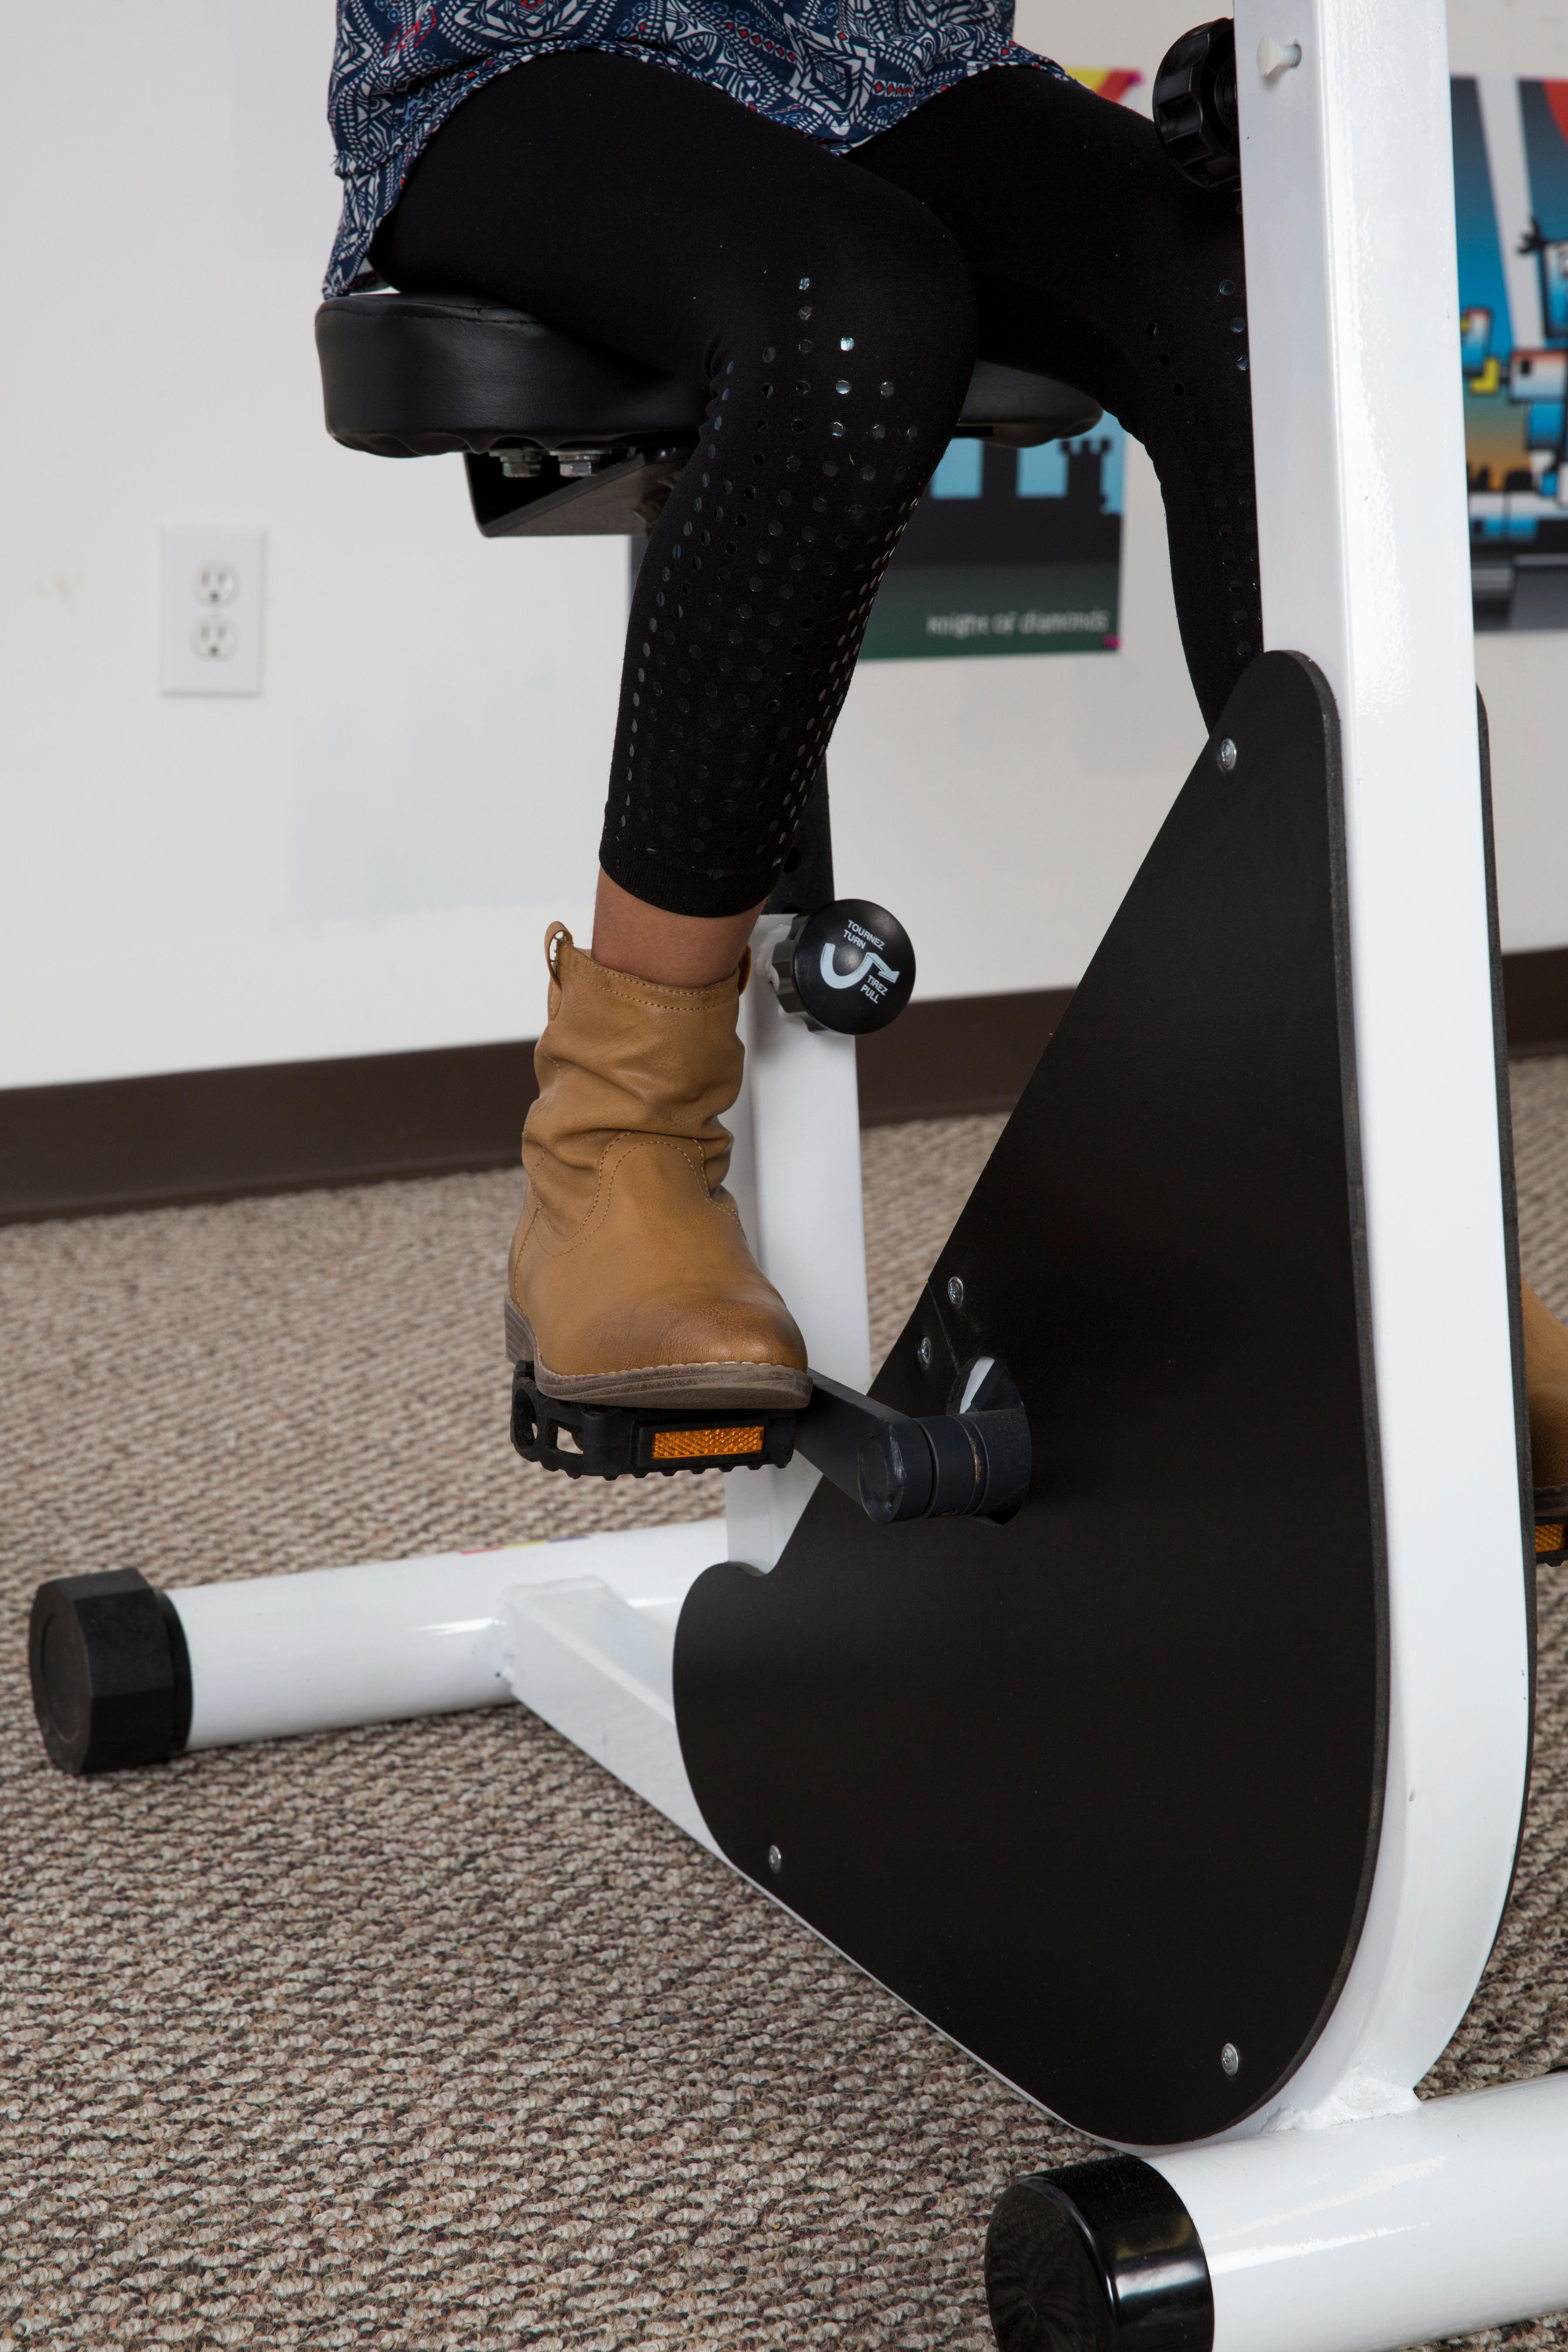 Pedals Under Desk Hostgarcia